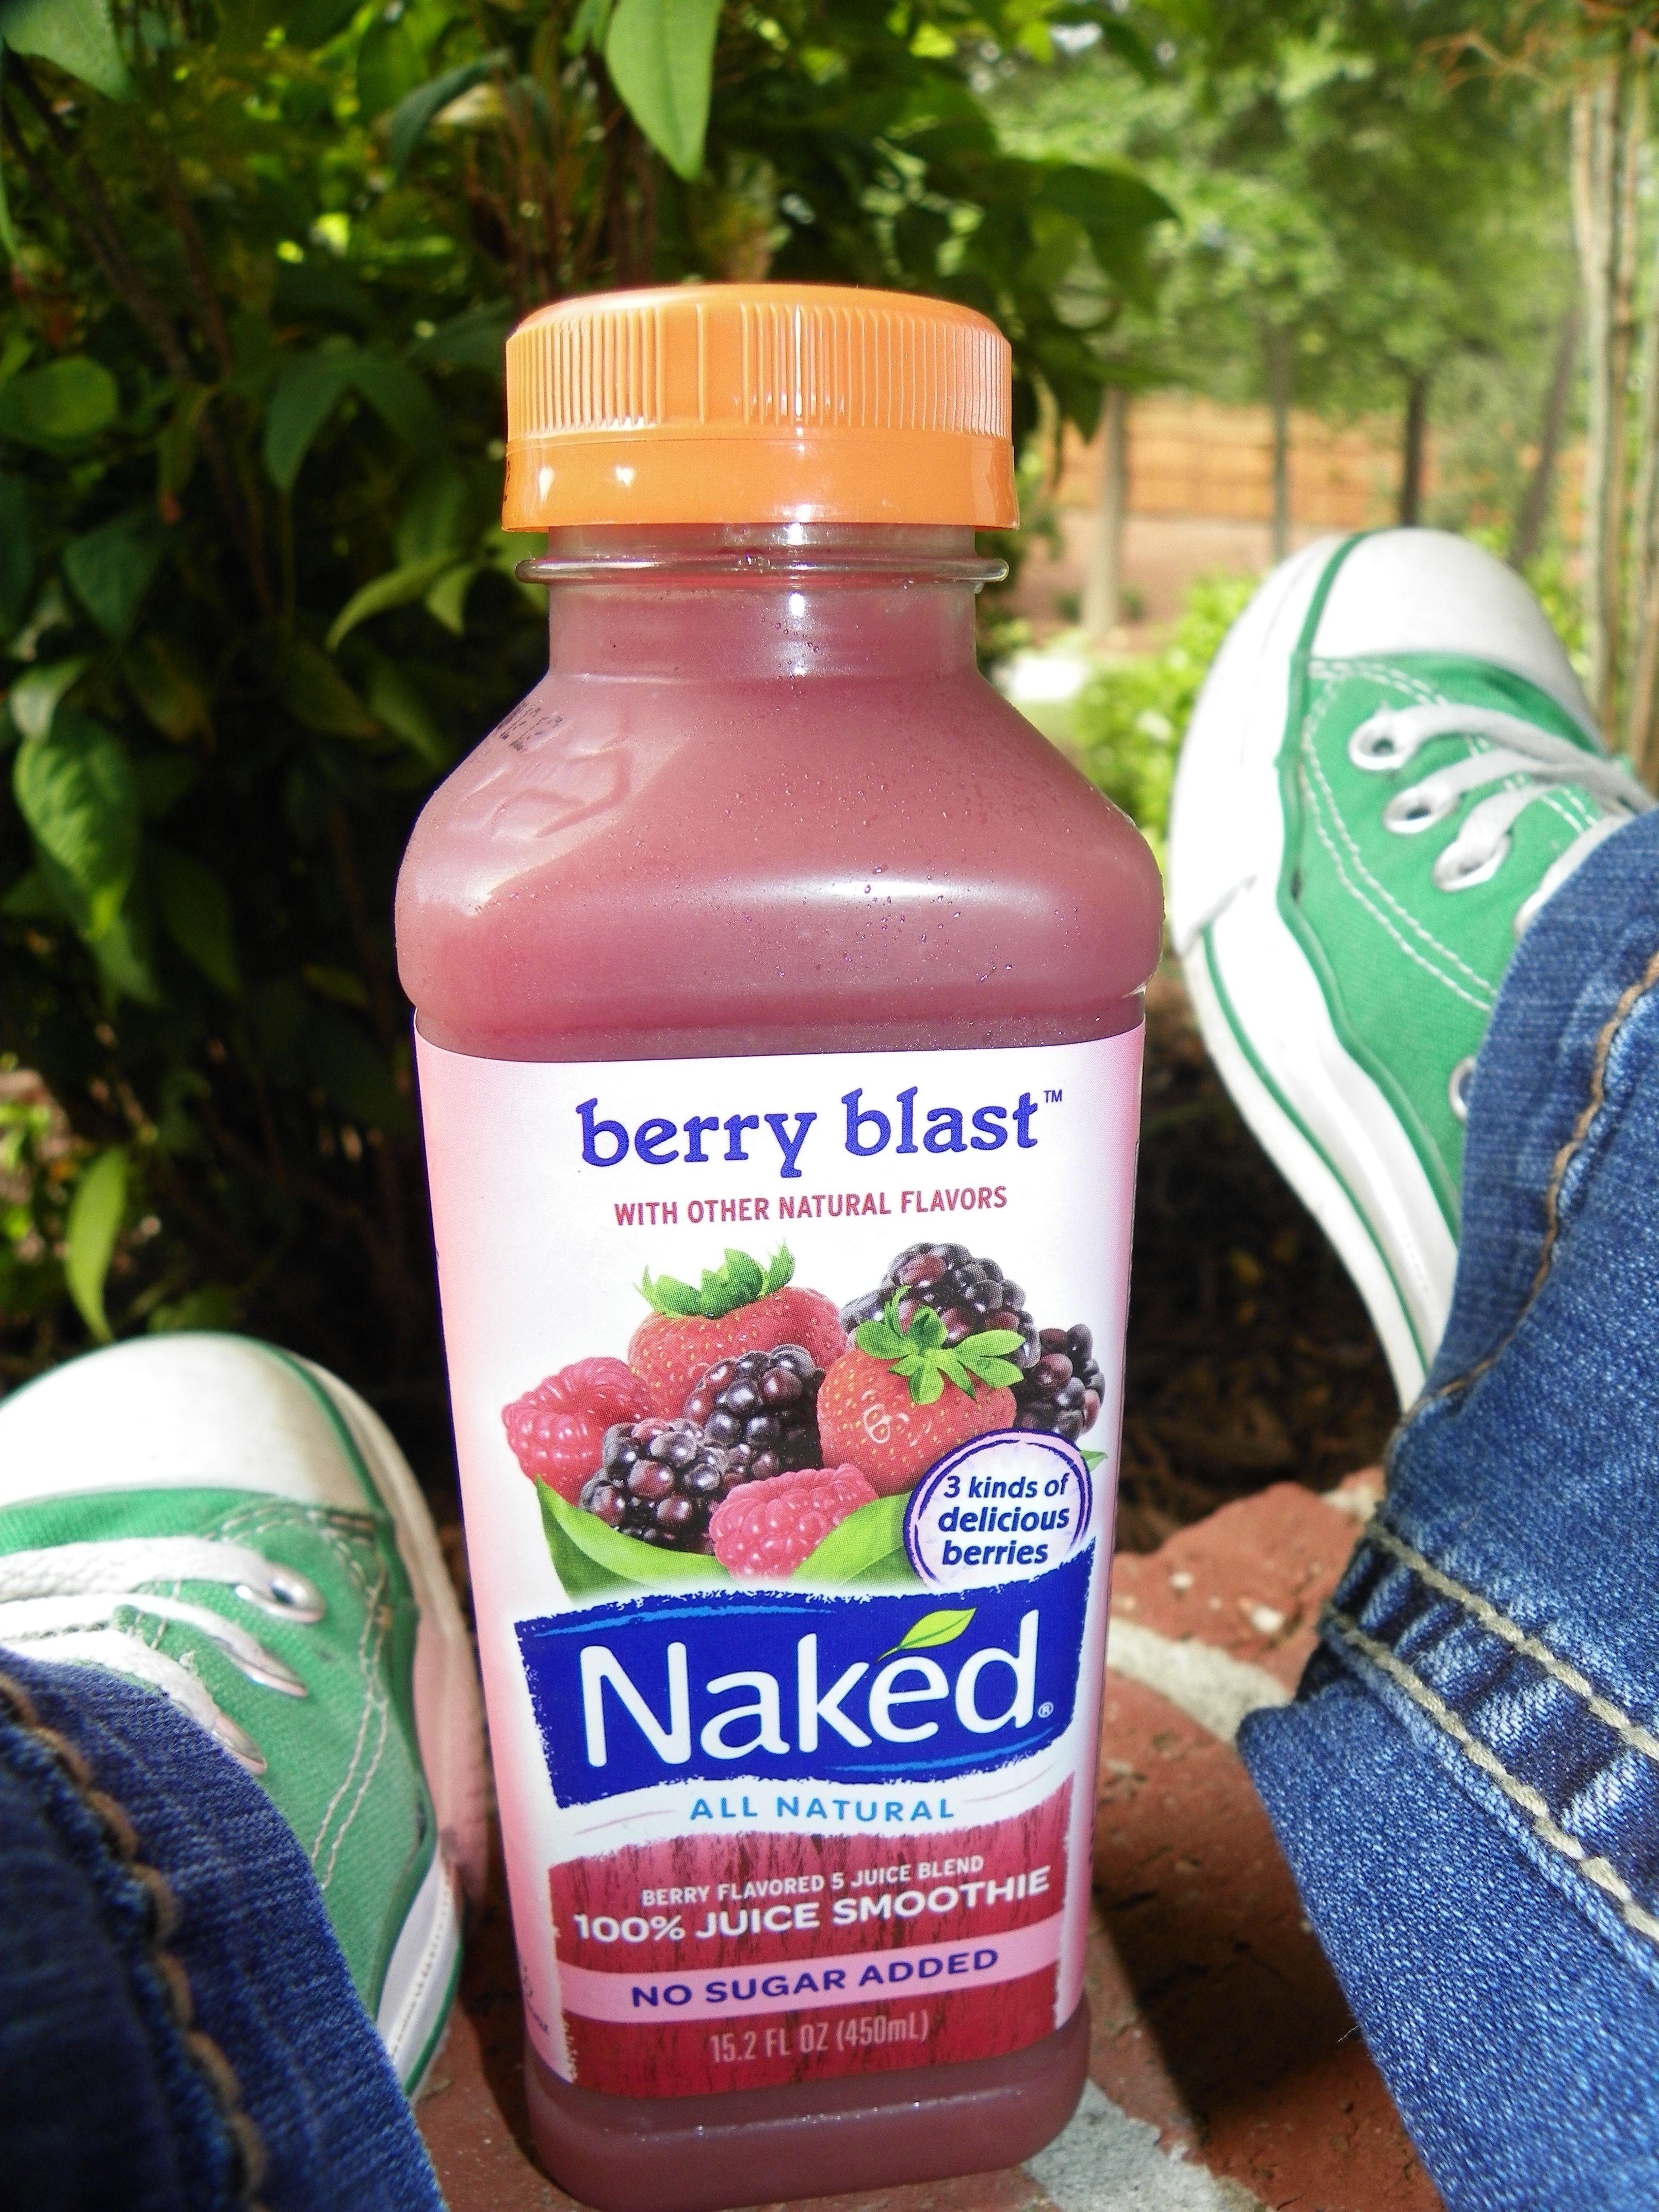 naked photo of allen dizon